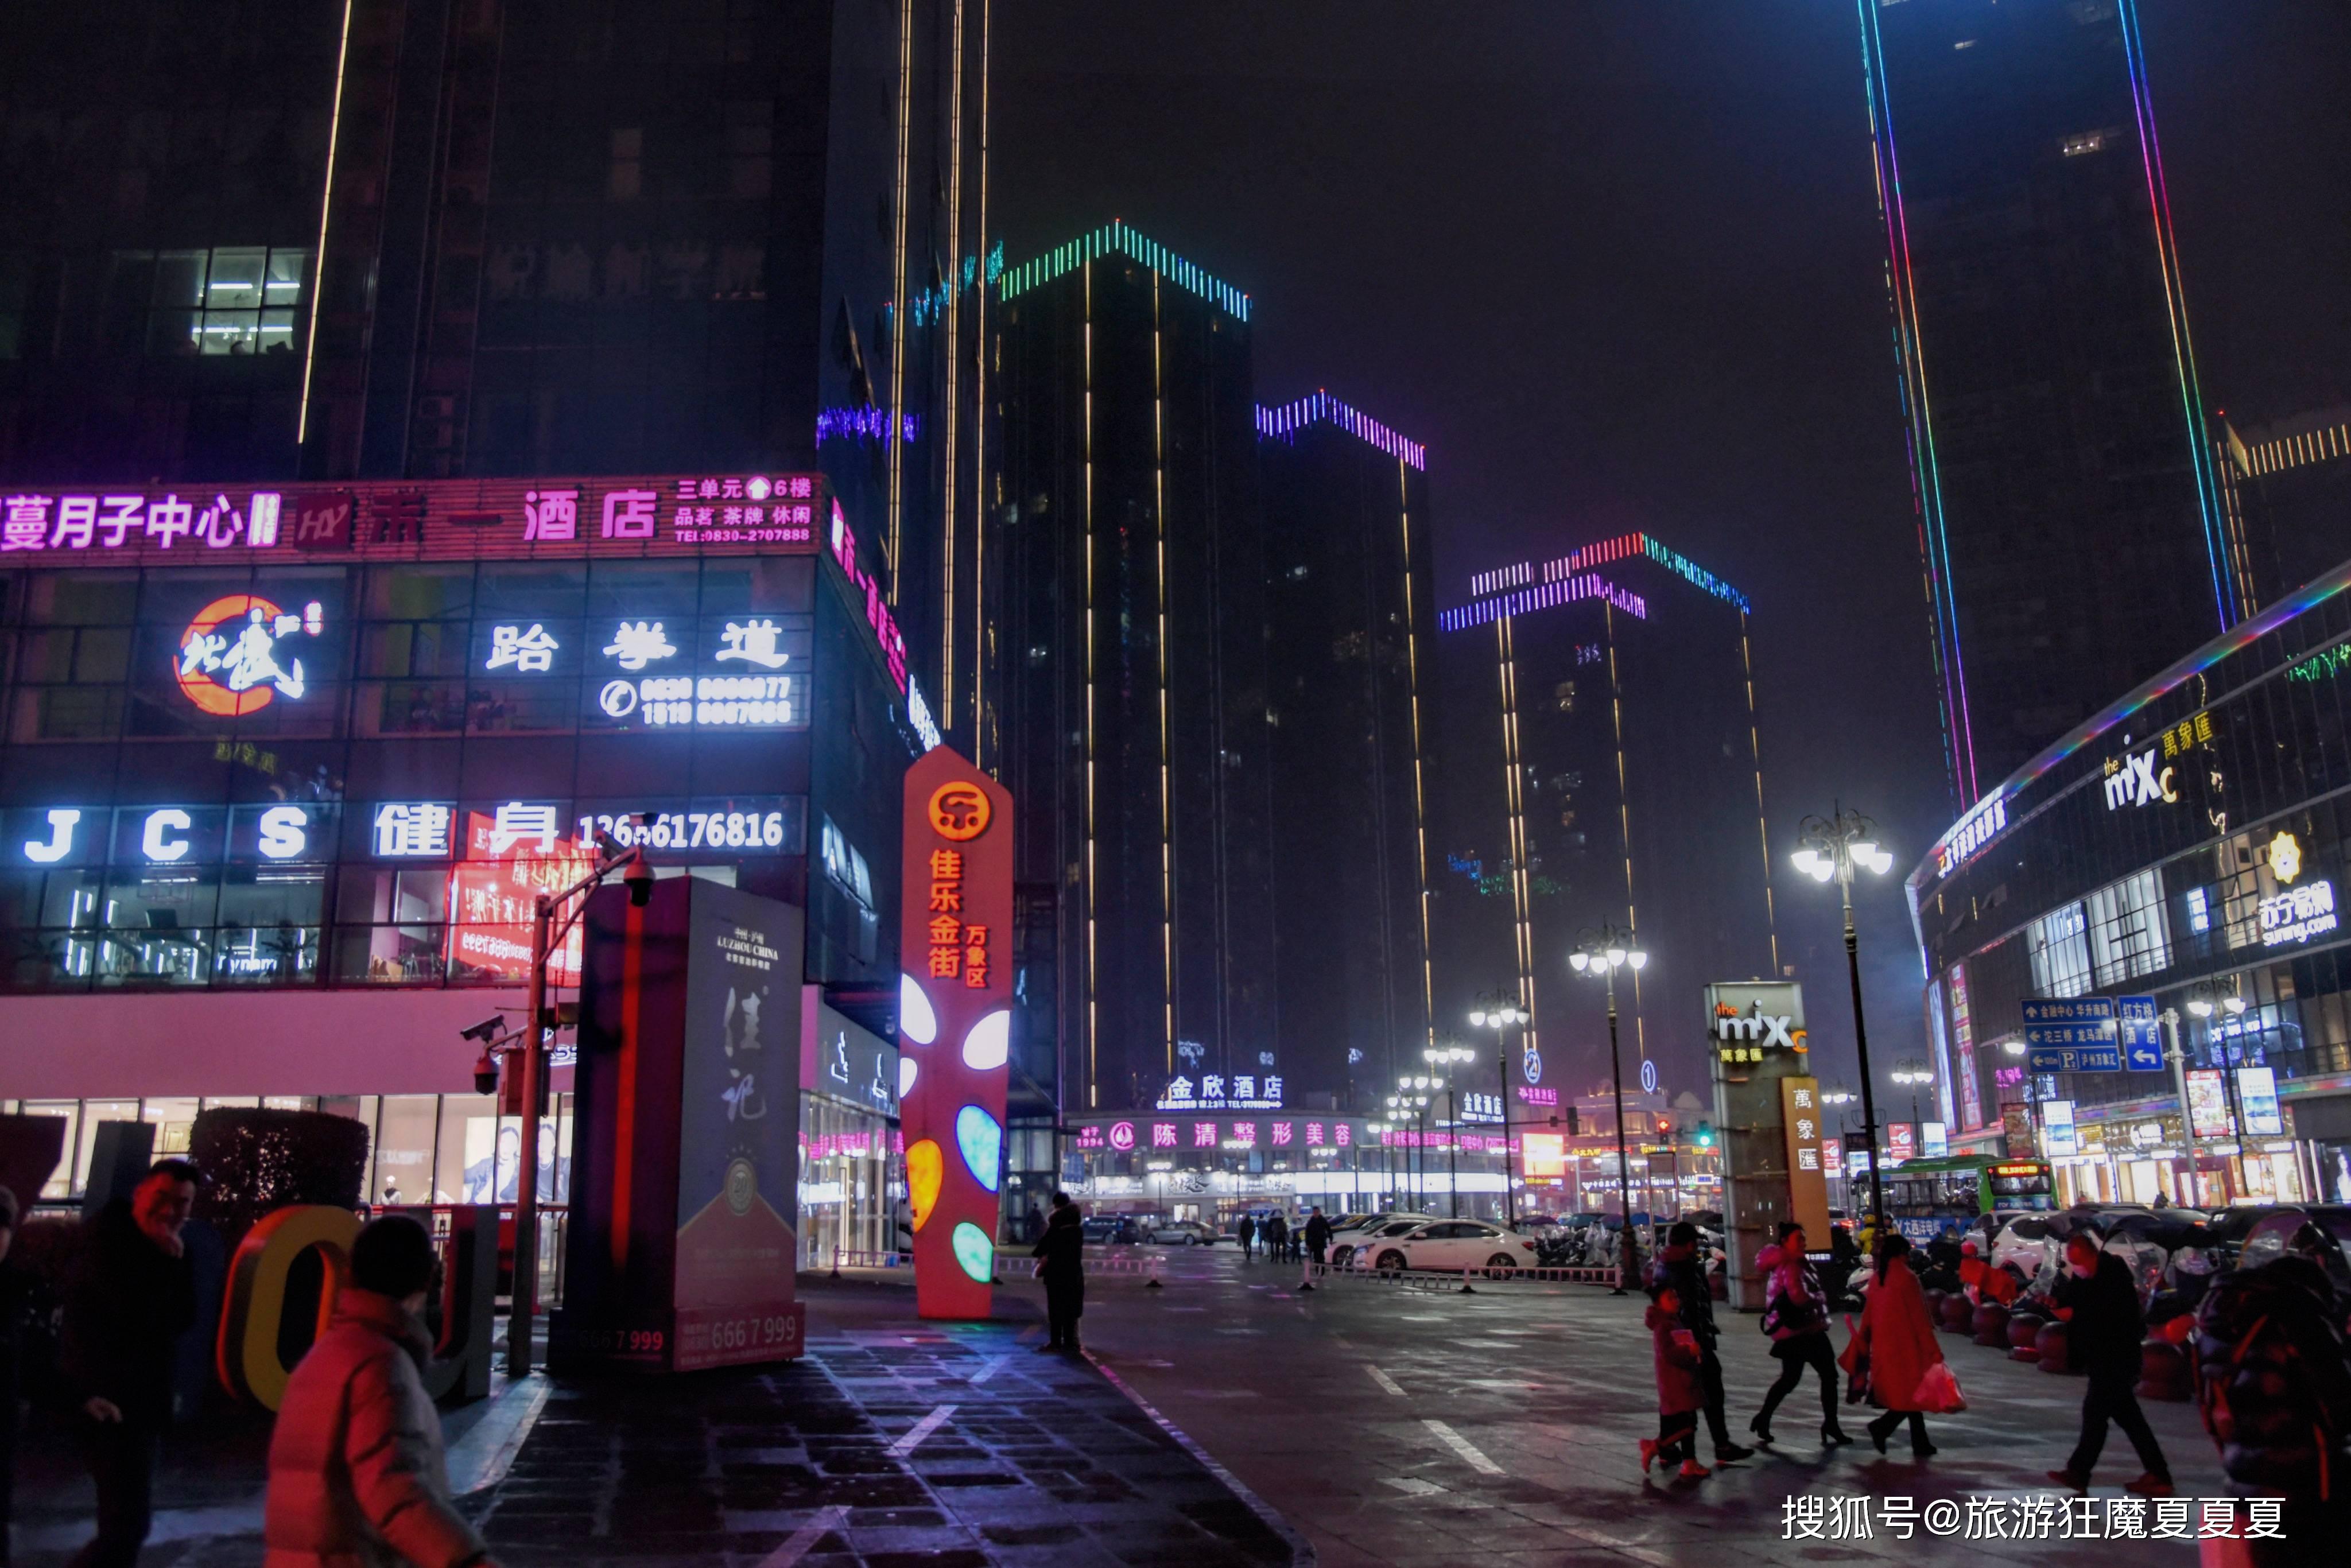 泸州一新一旧两个商圈,一个历史厚重满地小摊,一个全是网红店